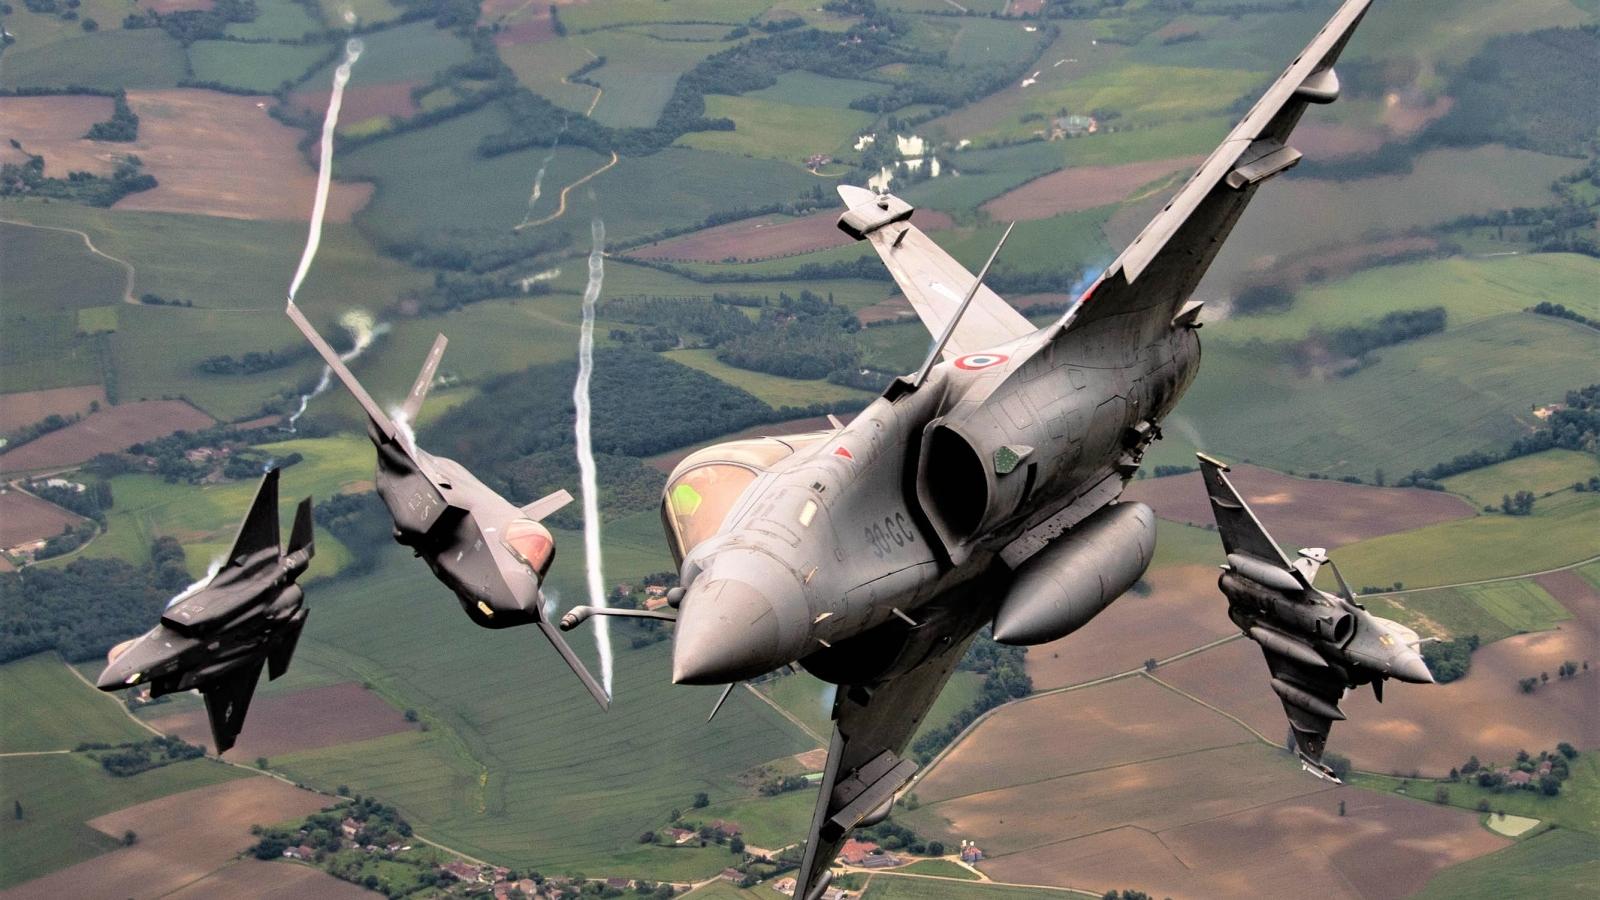 Đằng sau quyết định của Thụy Sĩ khi mua máy bay tàng hình F-35A